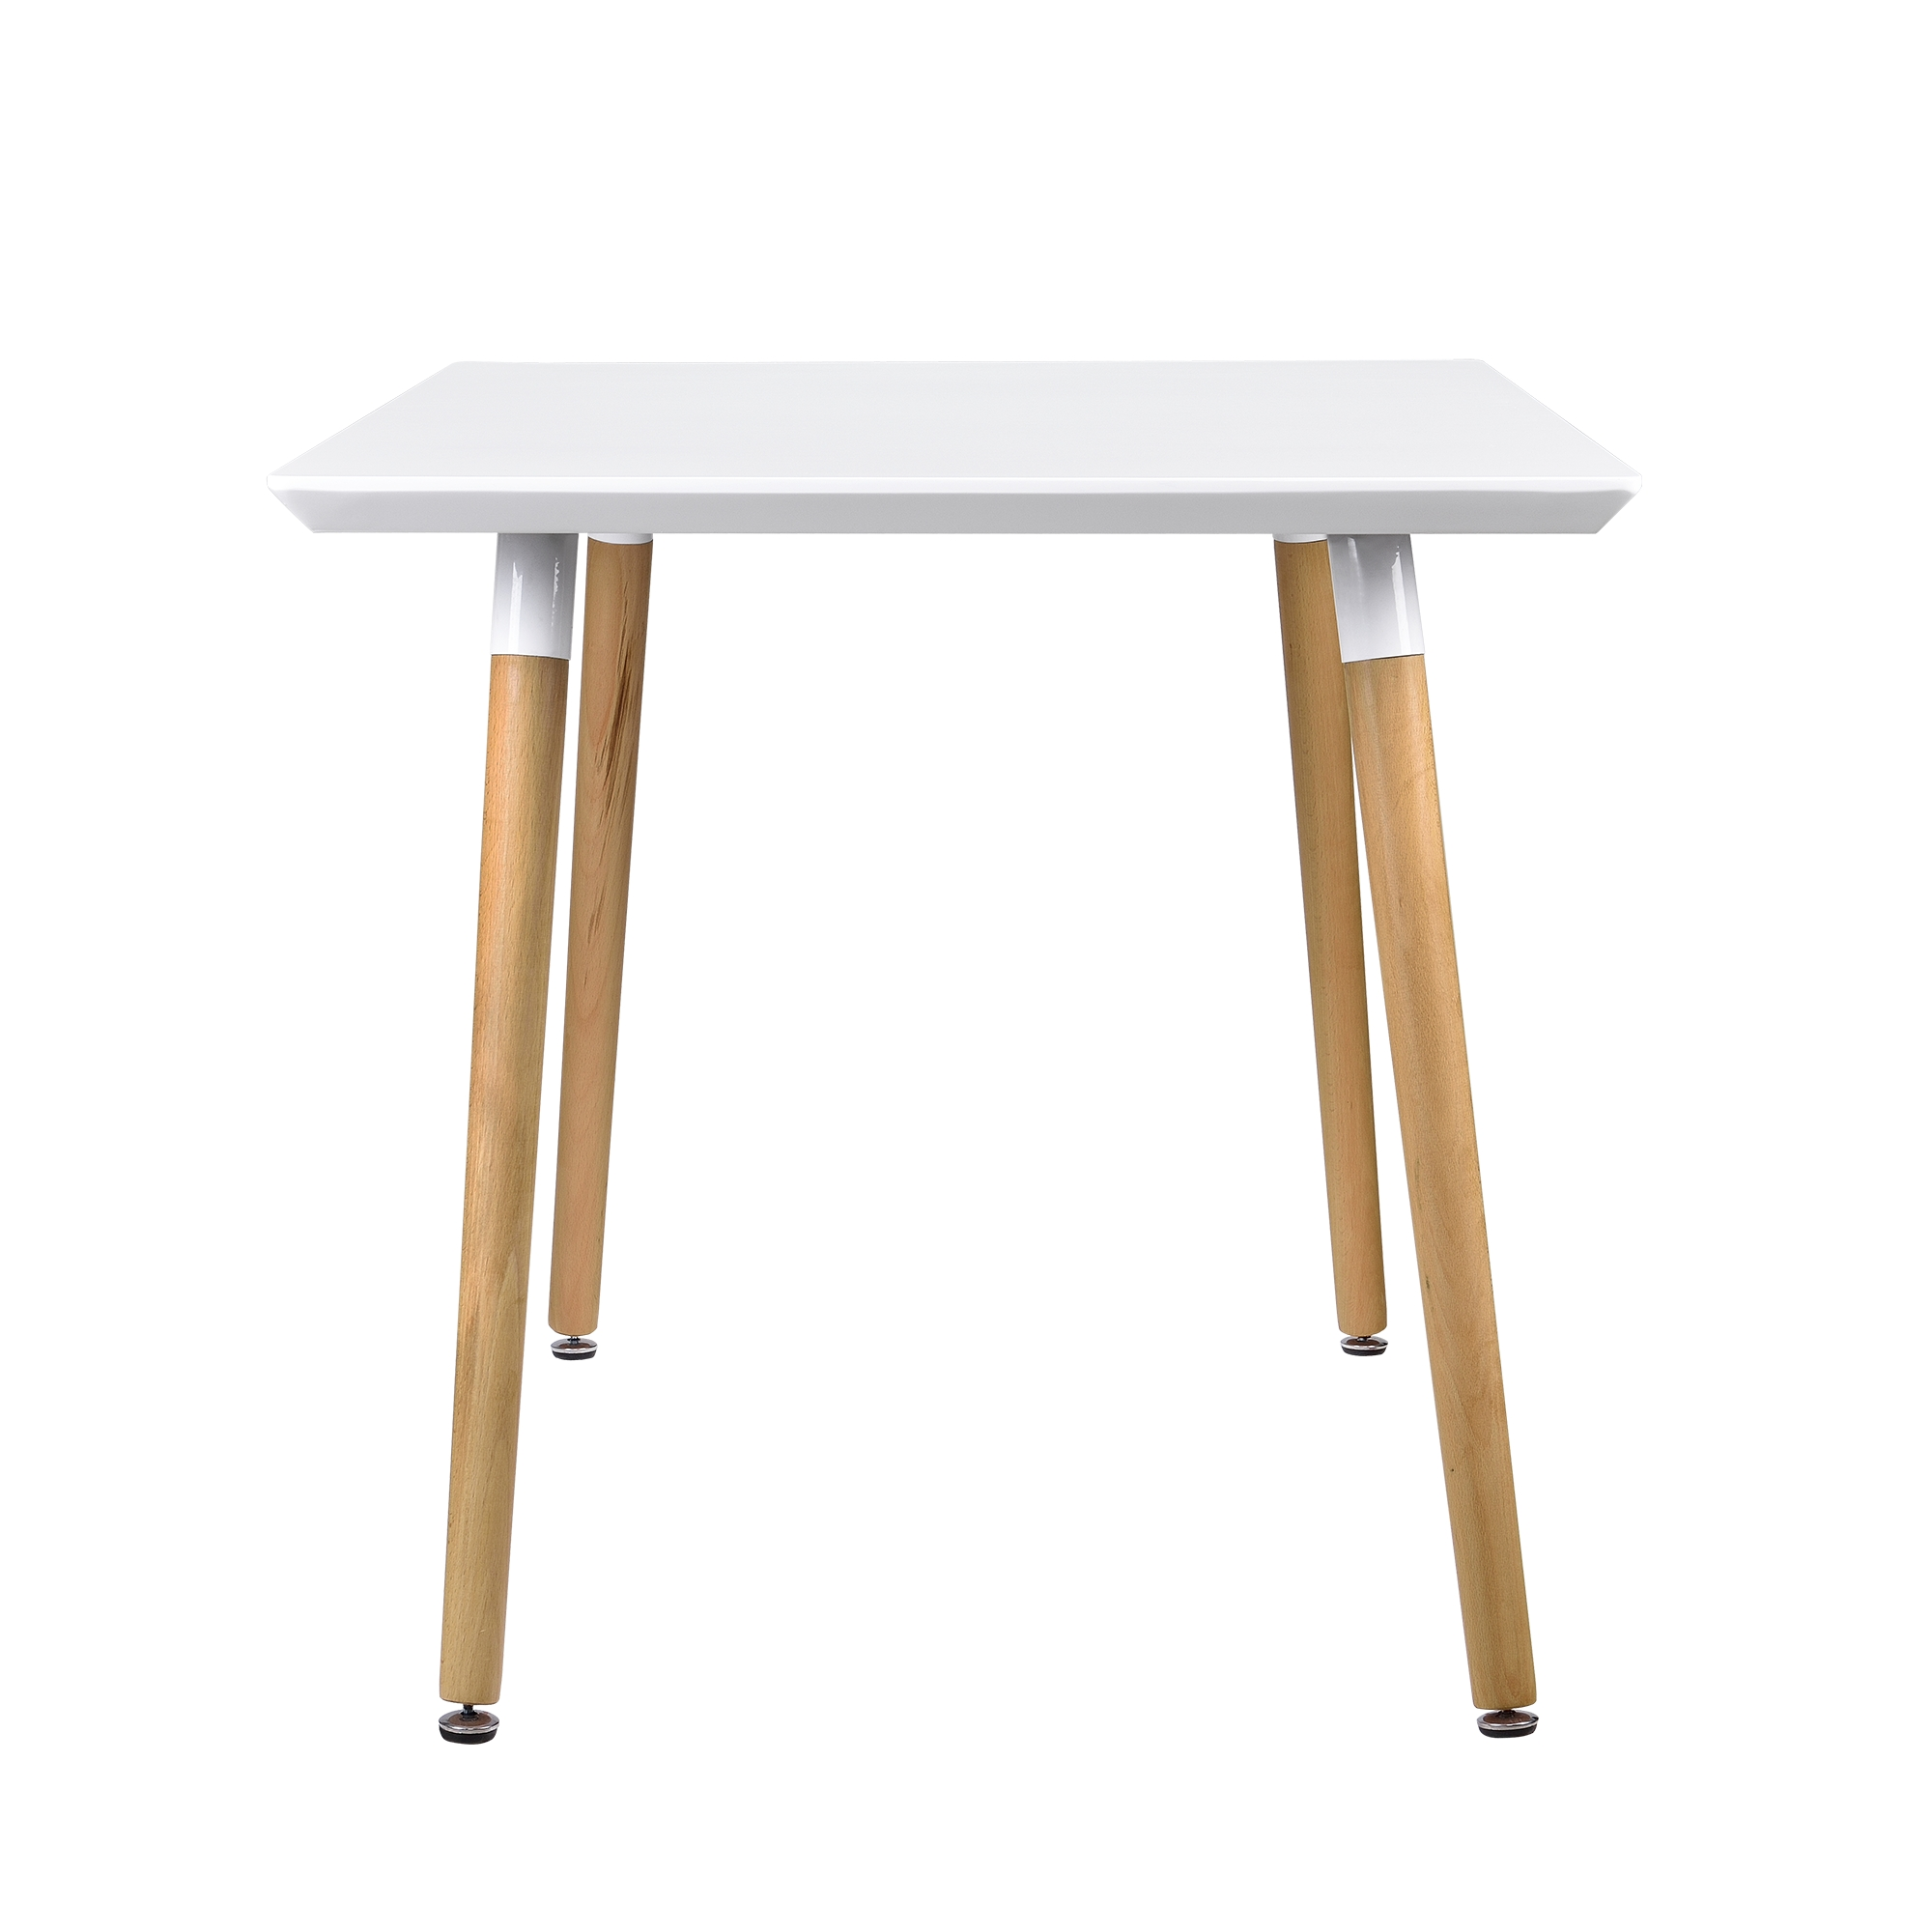 en.casa]® Esstisch 120x70cm Weiß Matt Eiche Küchentisch Esszimmer ...